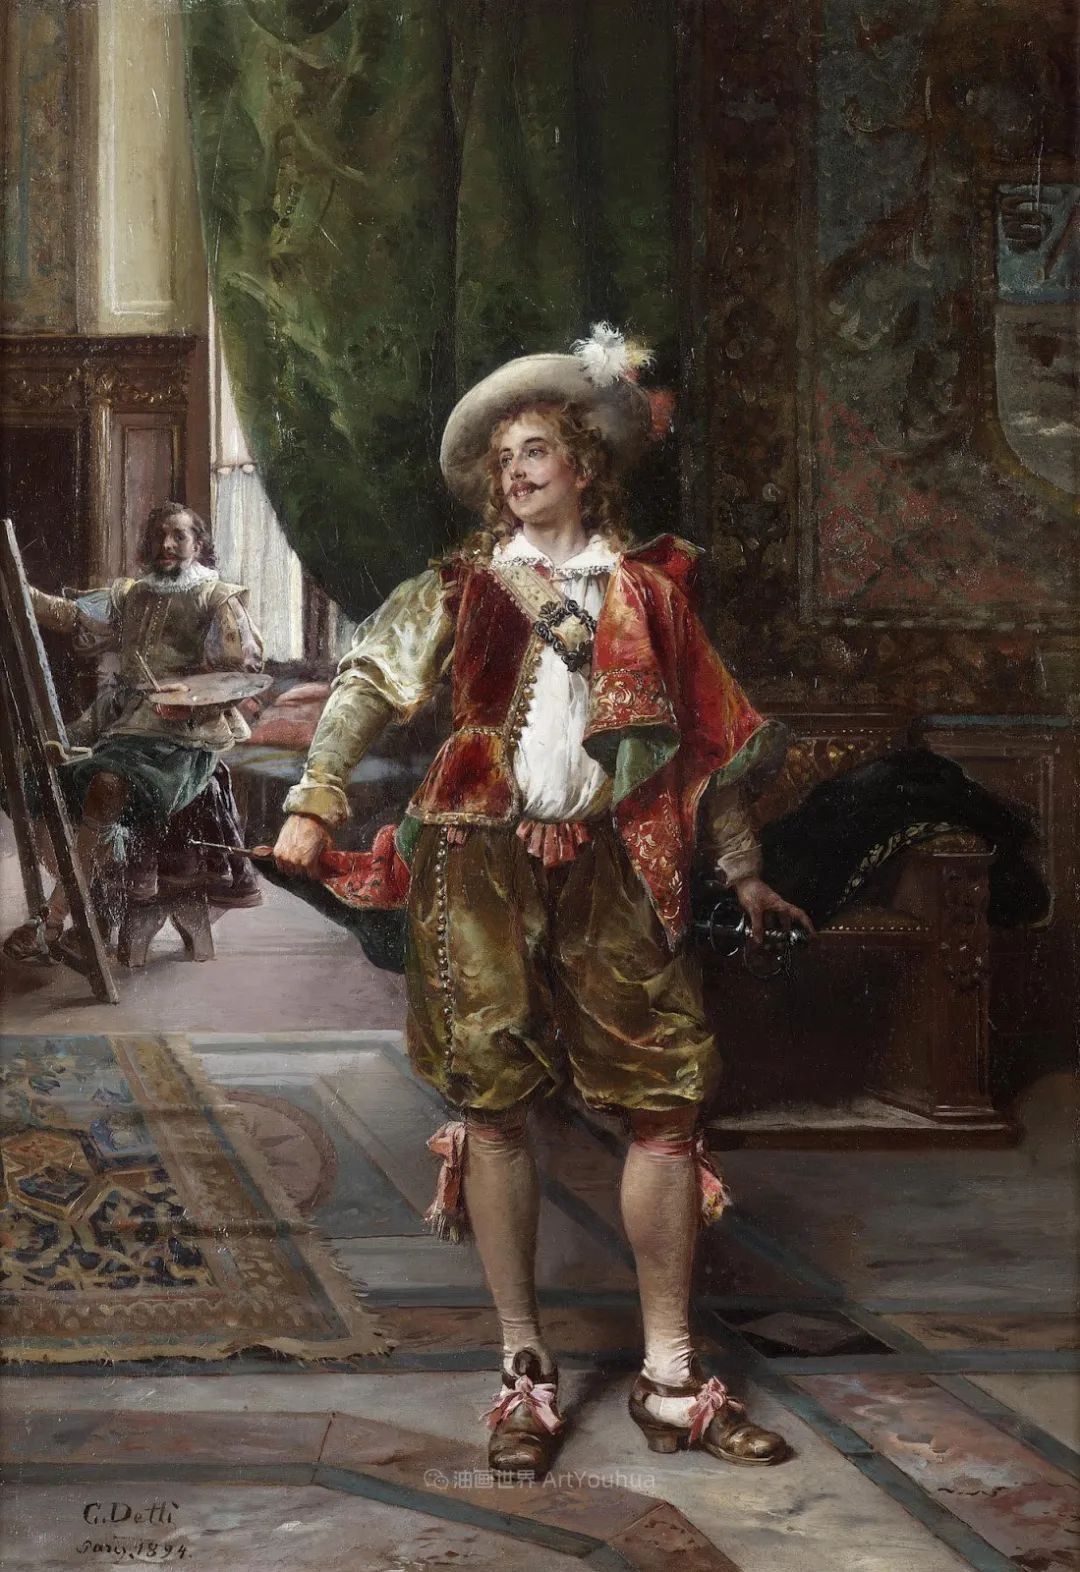 华丽的服饰,精美的人物,田园牧歌式的情感插图143